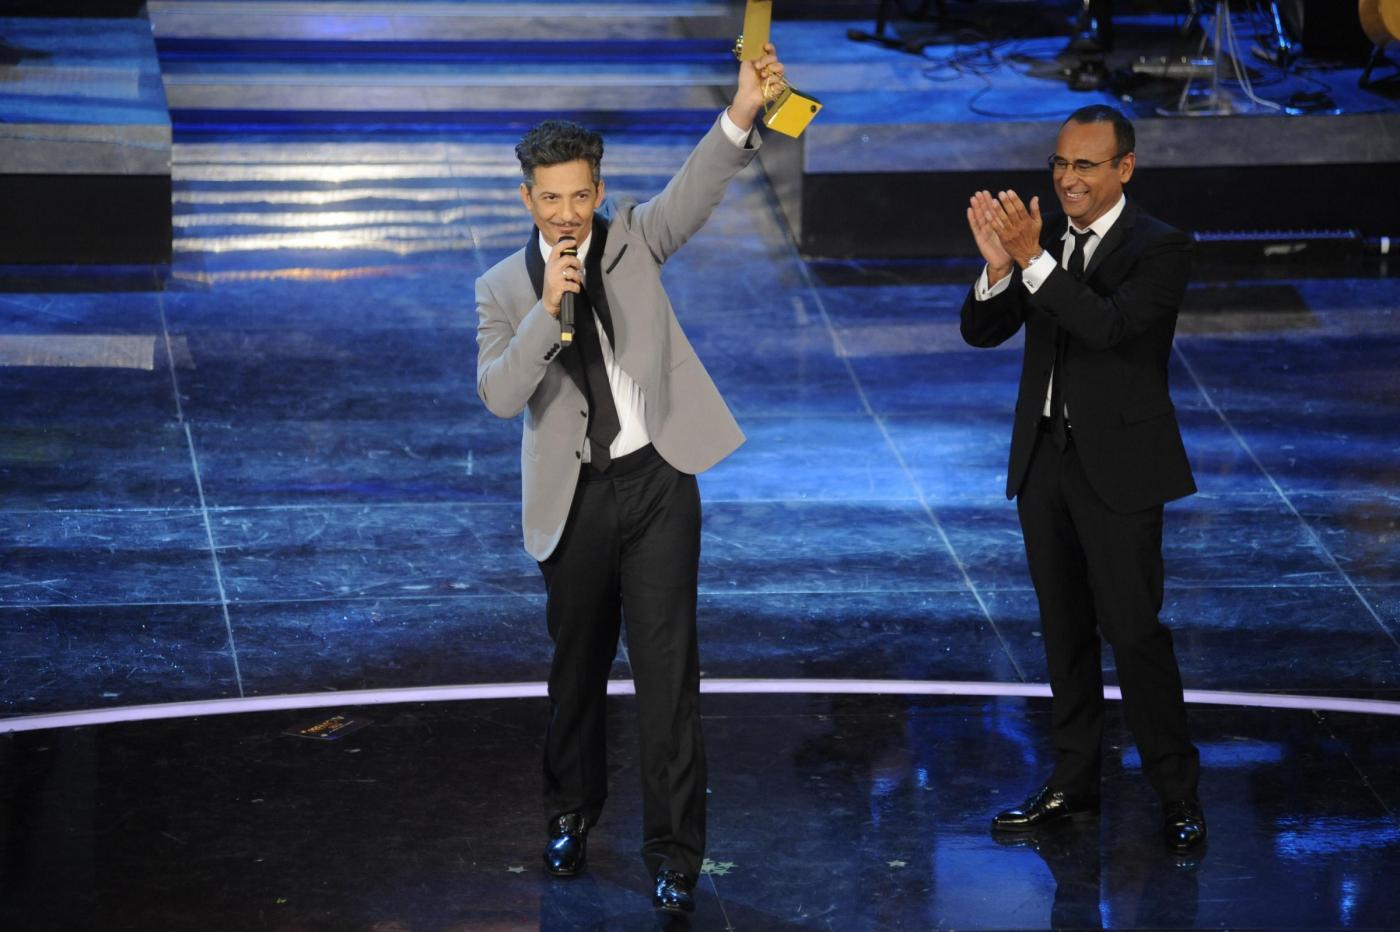 Ascolti tv domenica 11 marzo 2012: il Premio TV con Fiorello mattatore batte tutti